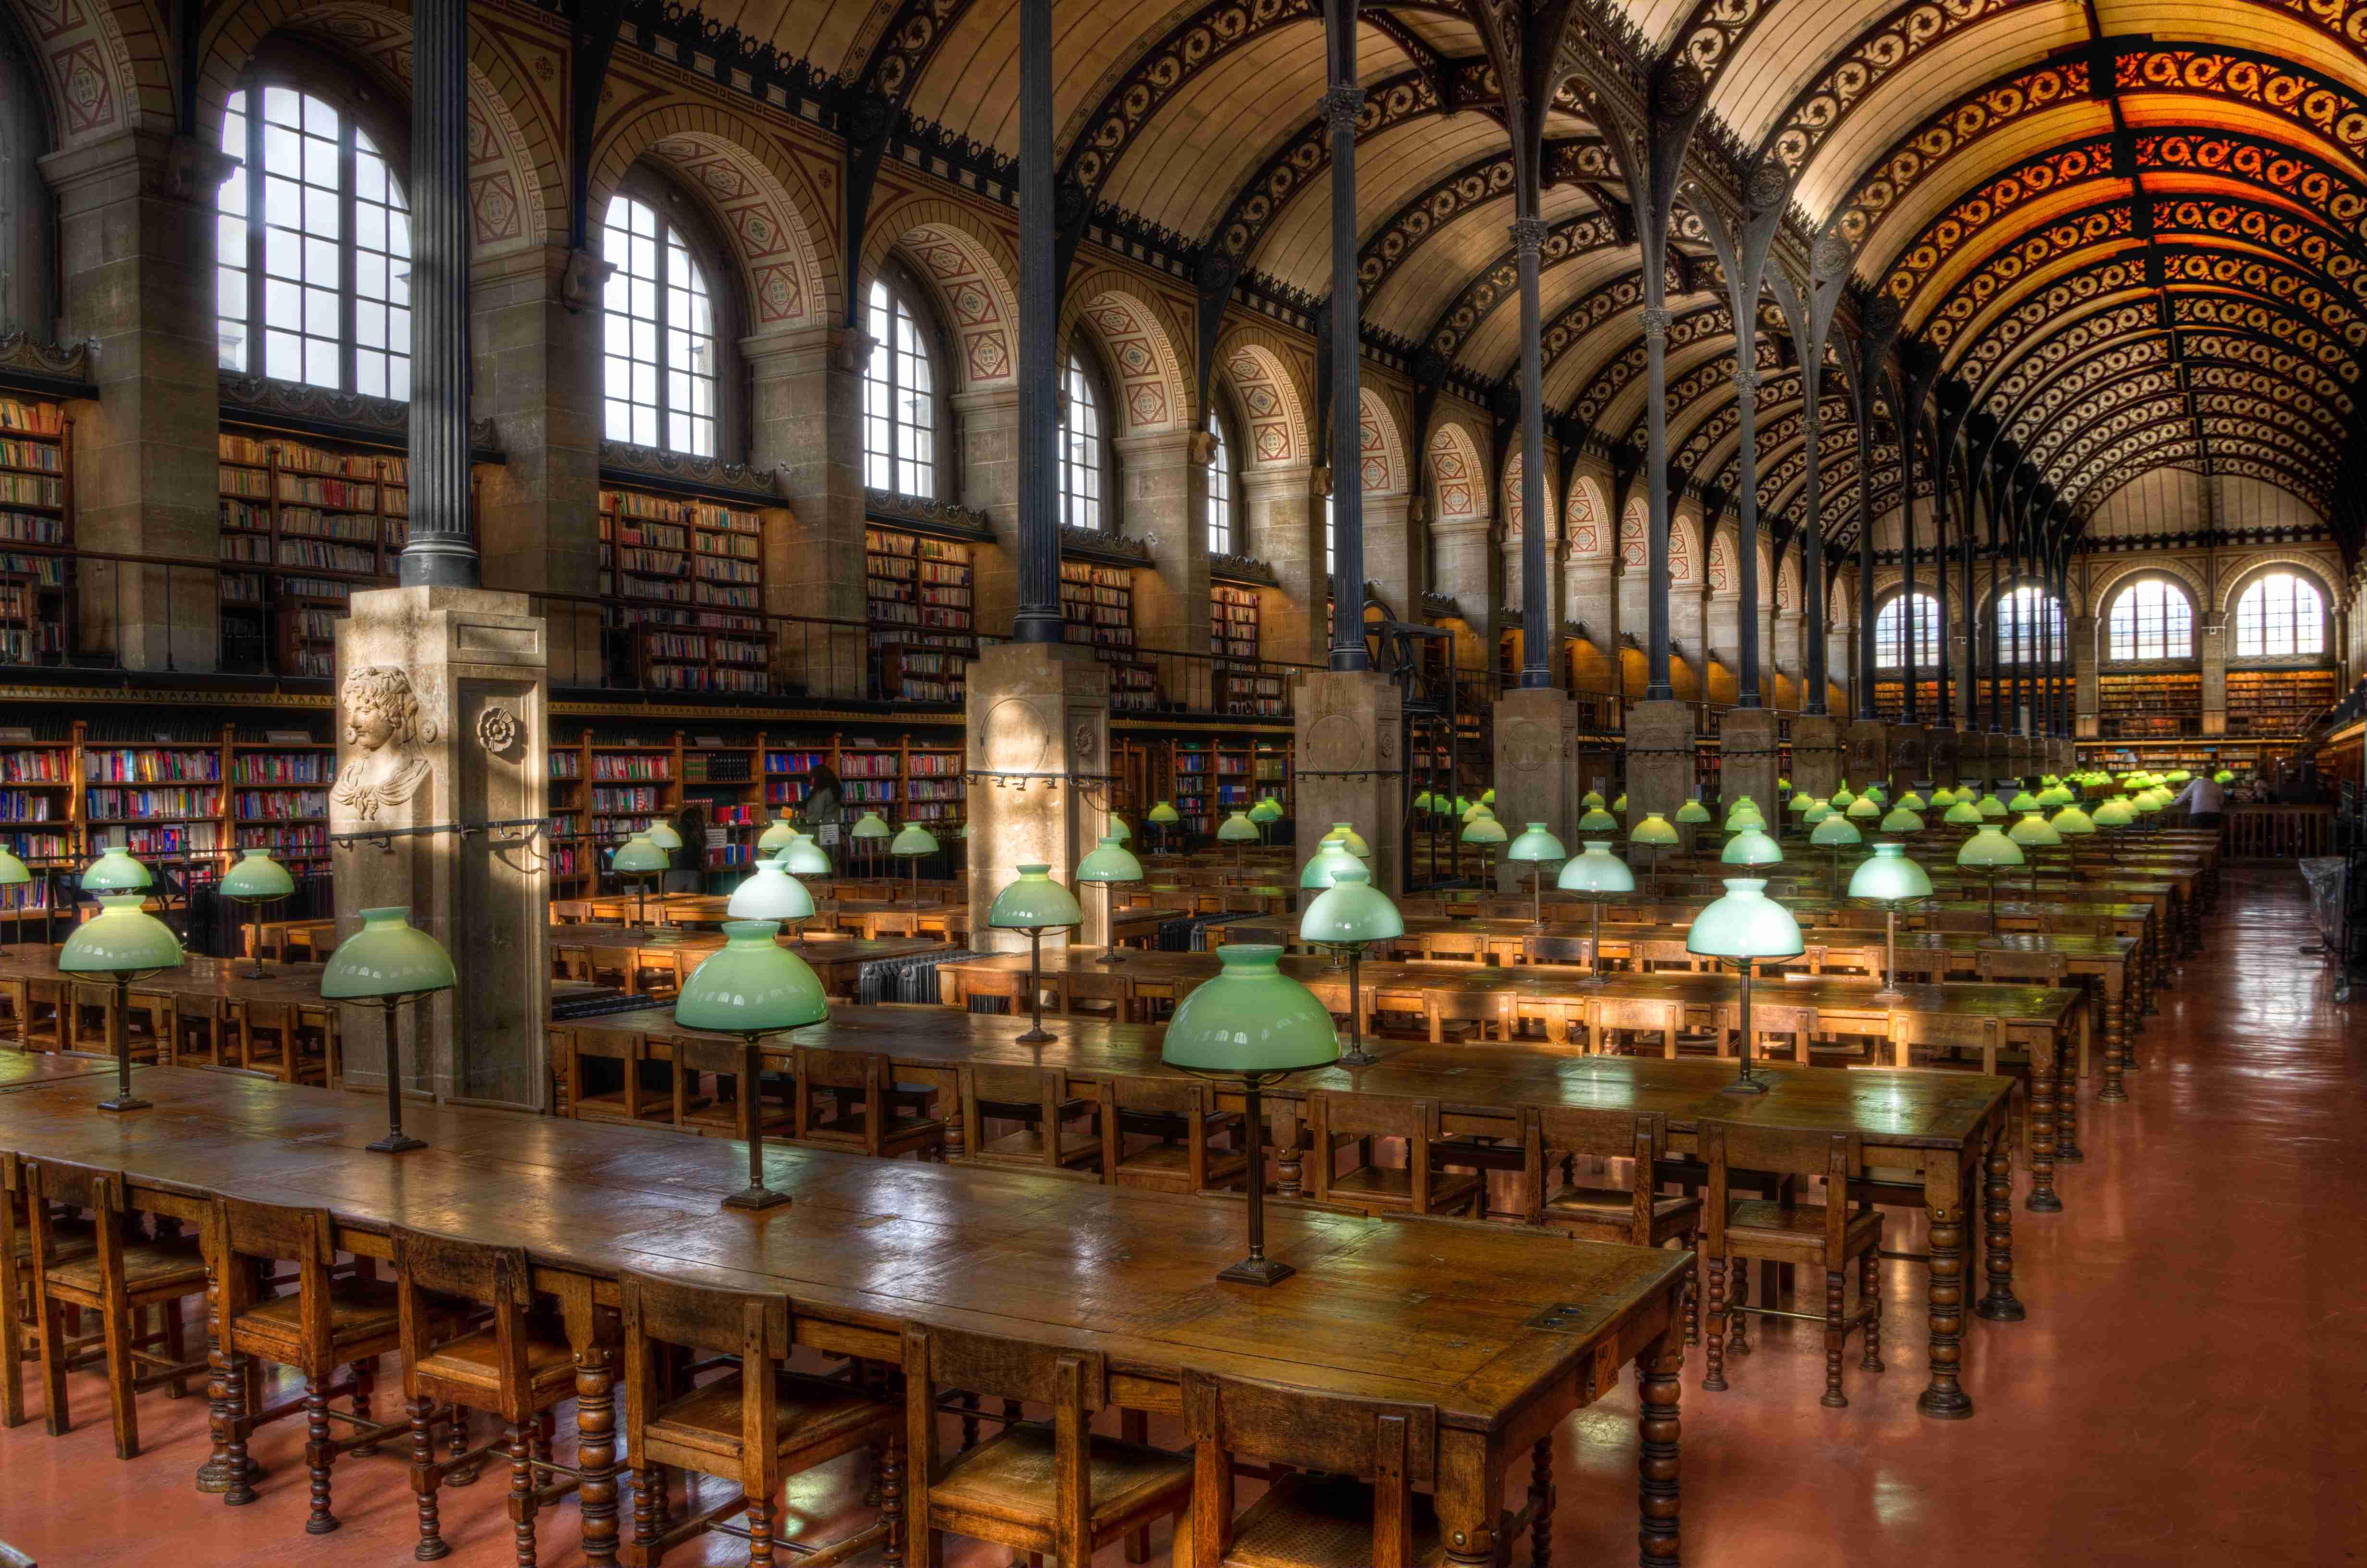 【画像】世界の美しい図書館を貼って行きましょう